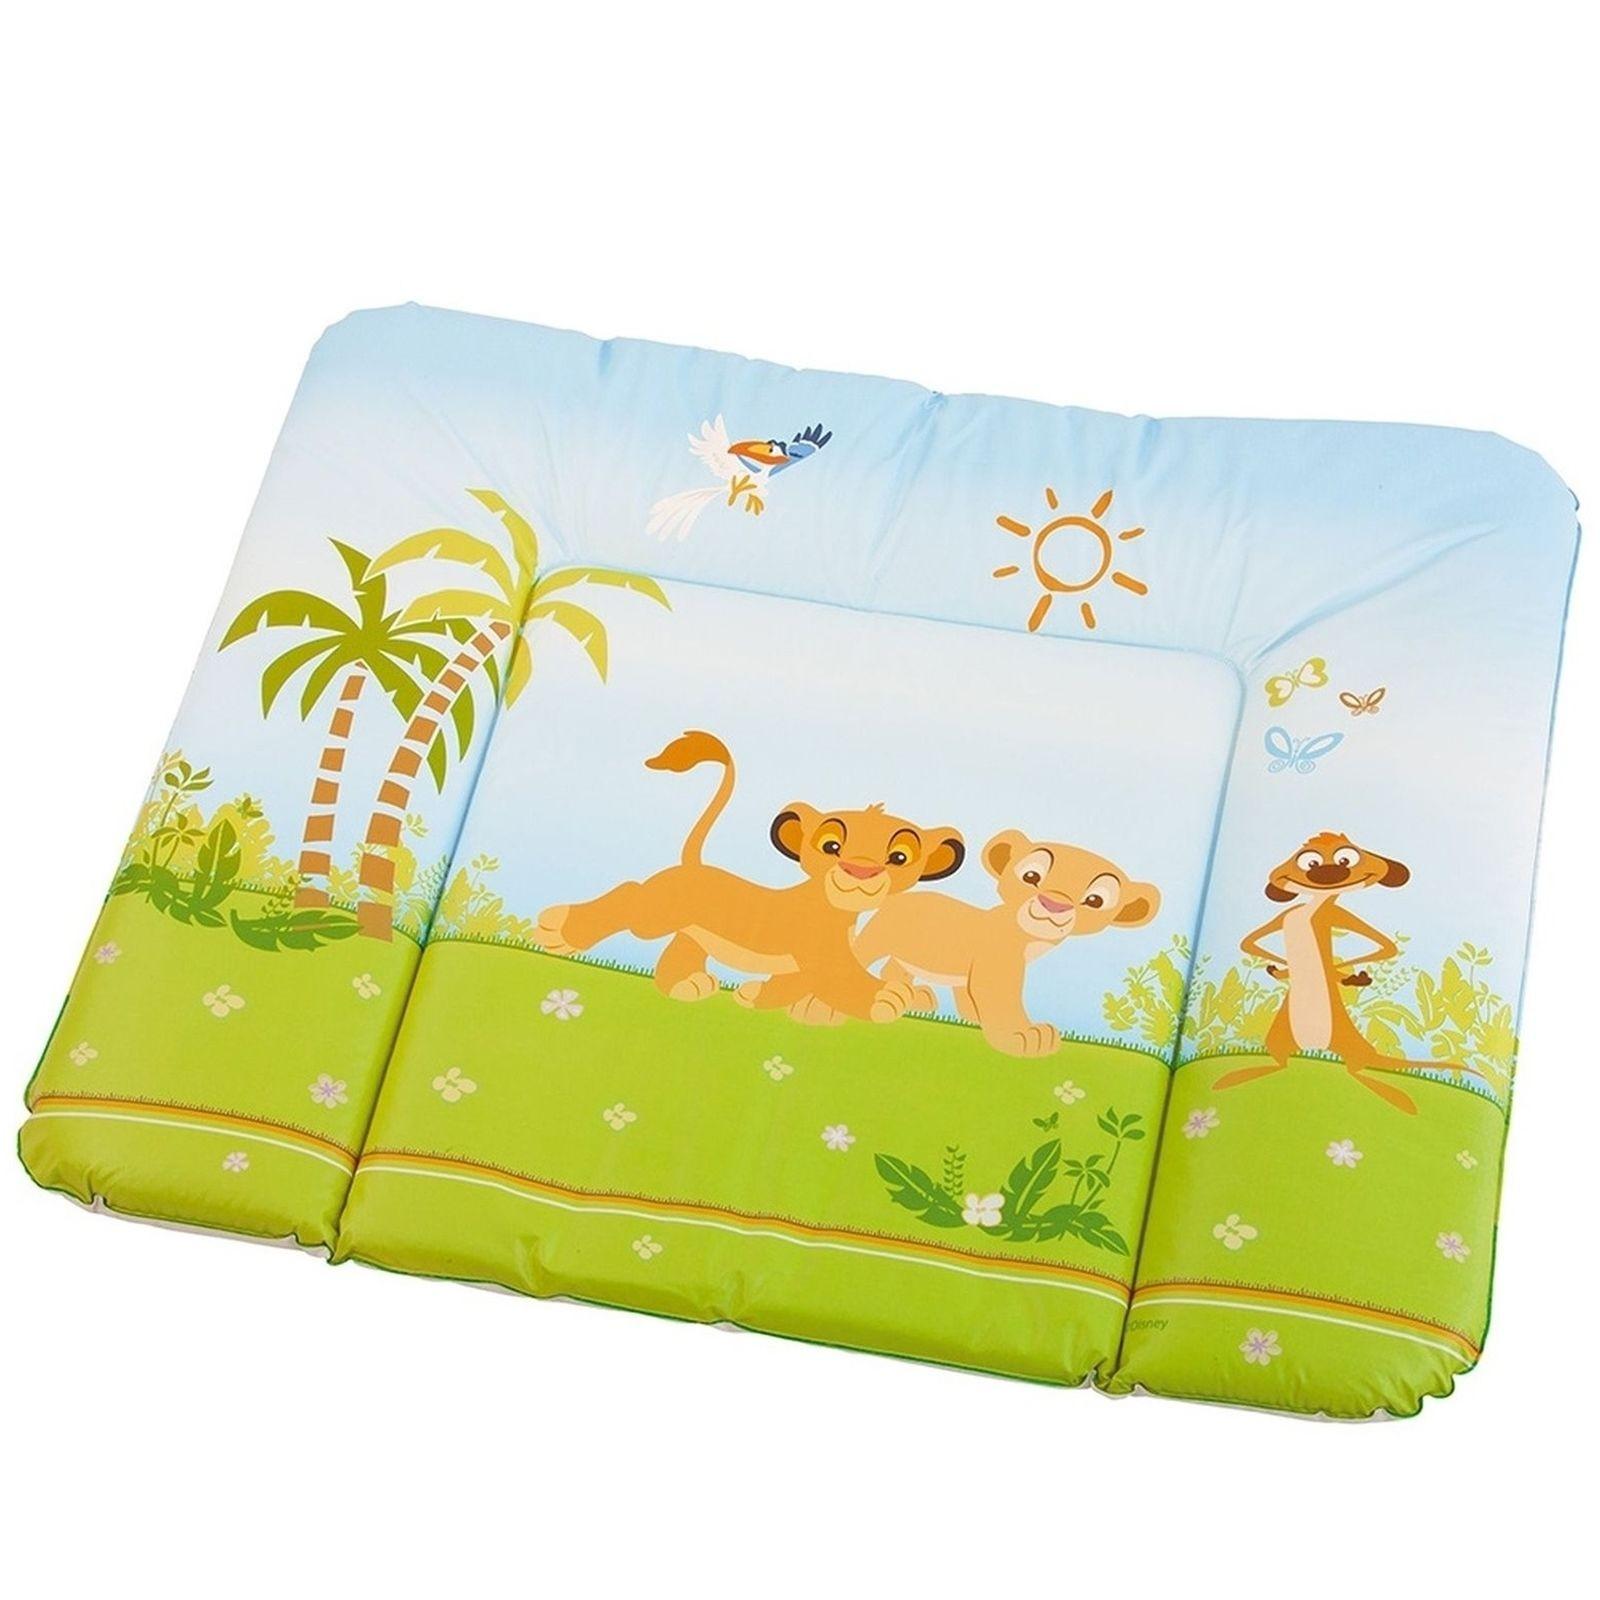 Rotho Babydesign Wickelauflage Creme Mit Winnie The Pooh Oder König